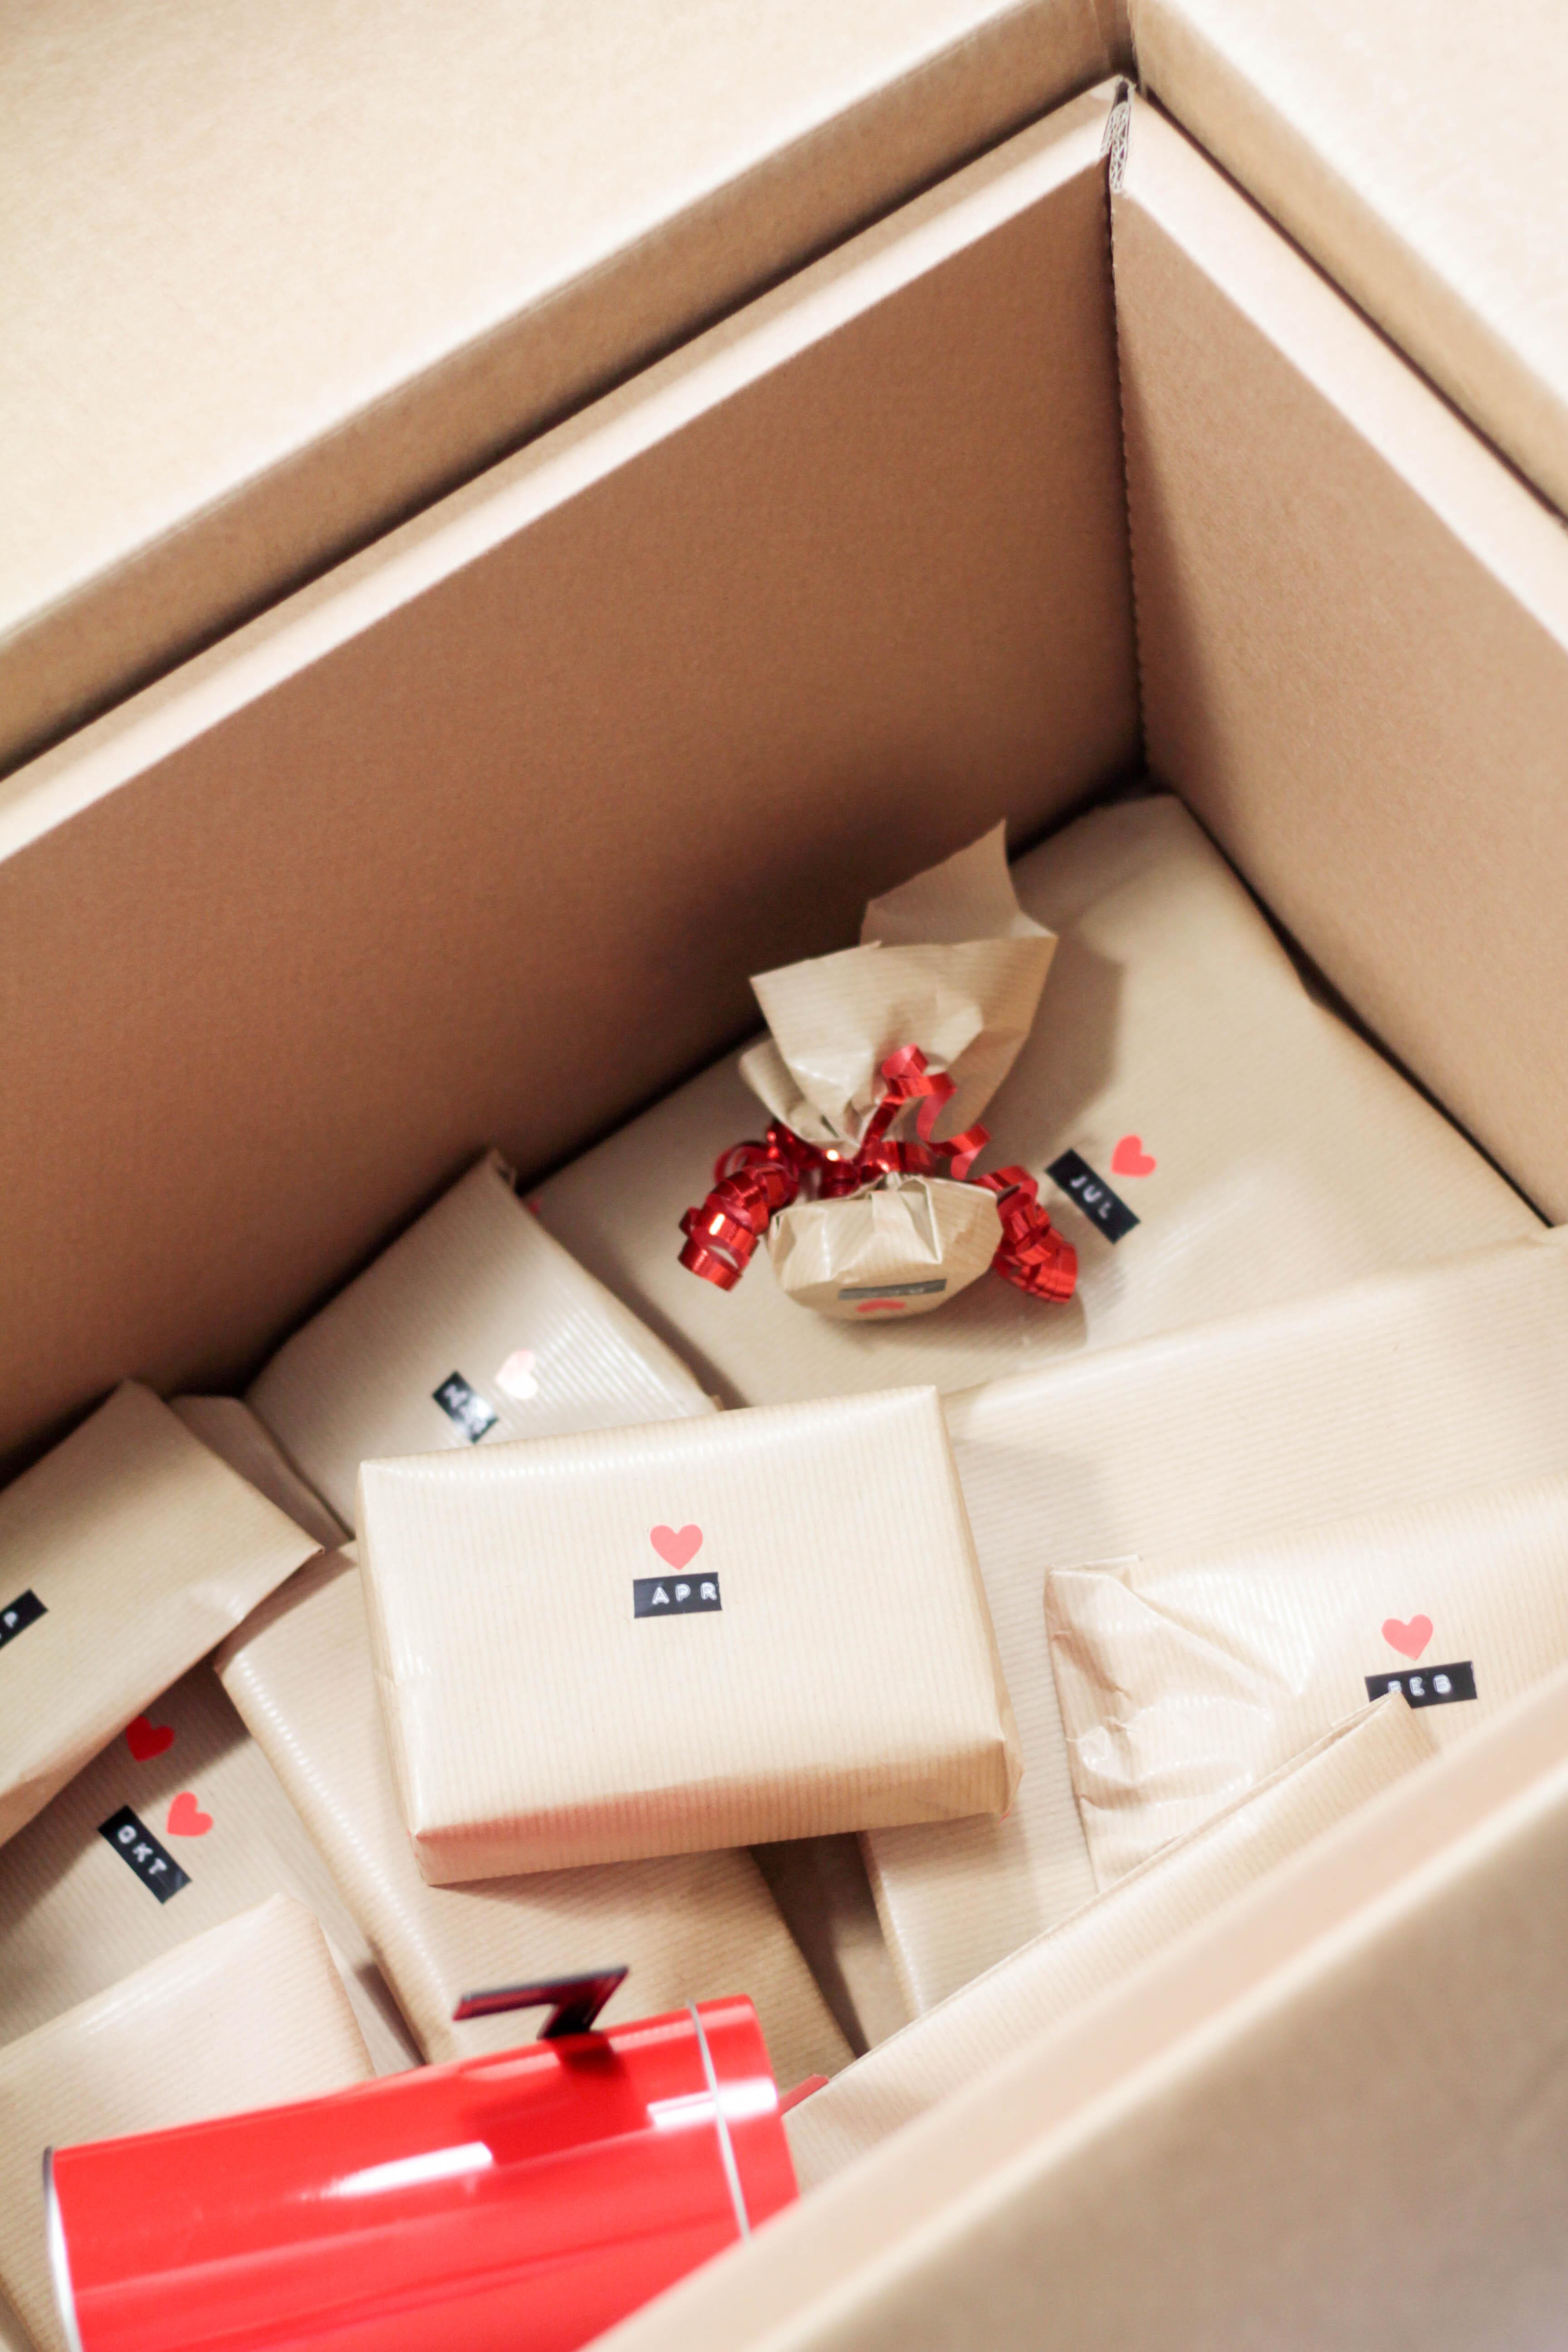 Das Perfekte Geschenk Fur Paare A Year Of Dates In A Box Diy Auf